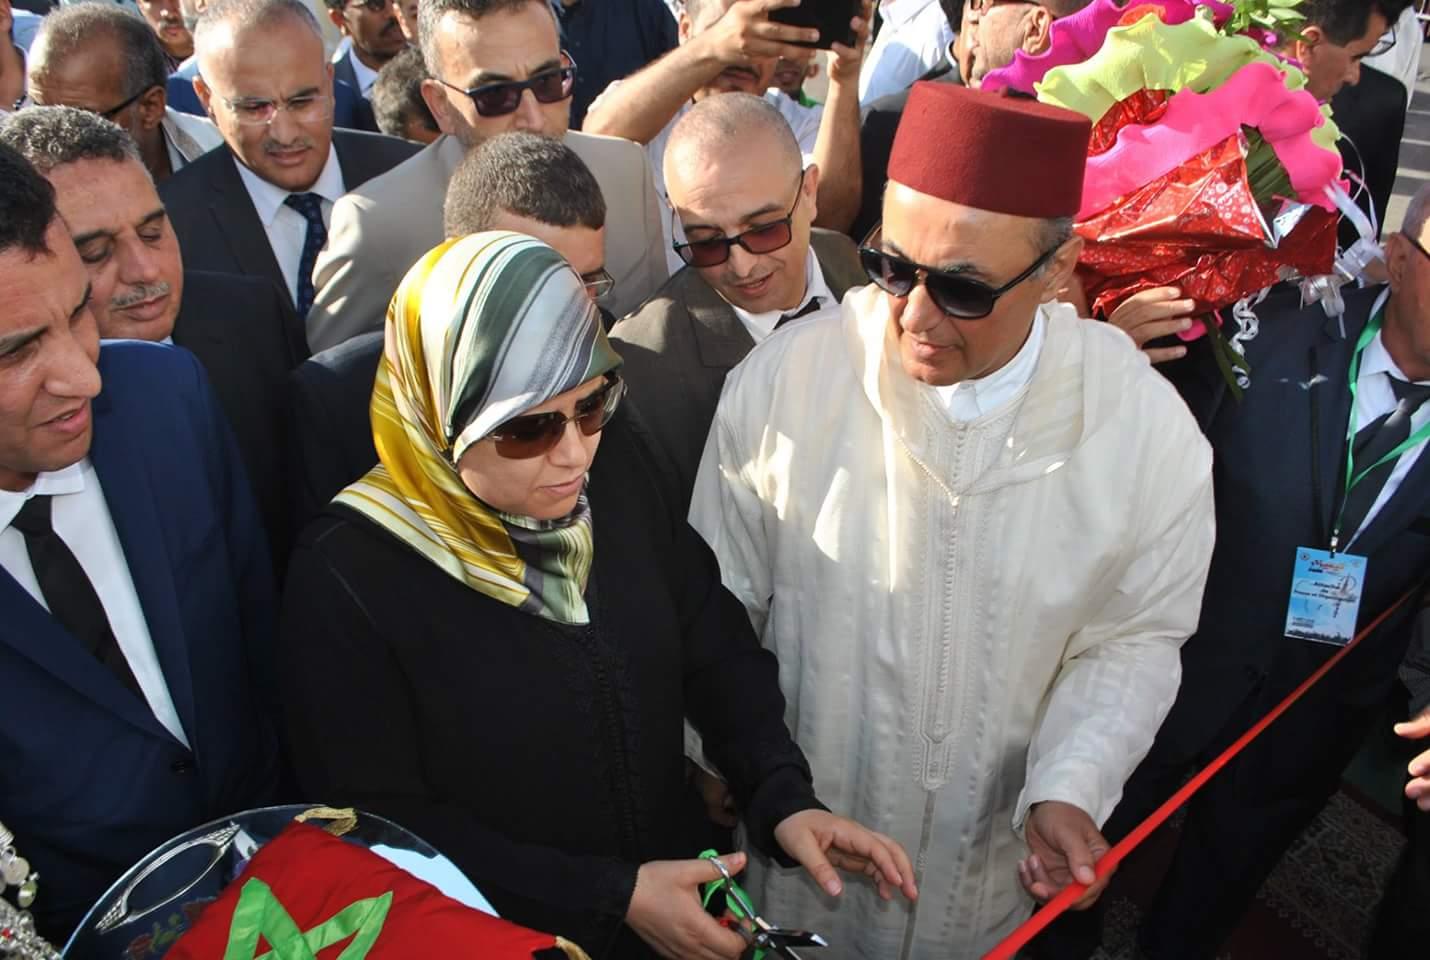 المصلي واليزيدي يفتتحان مهرجان تيميزار بتزنيت